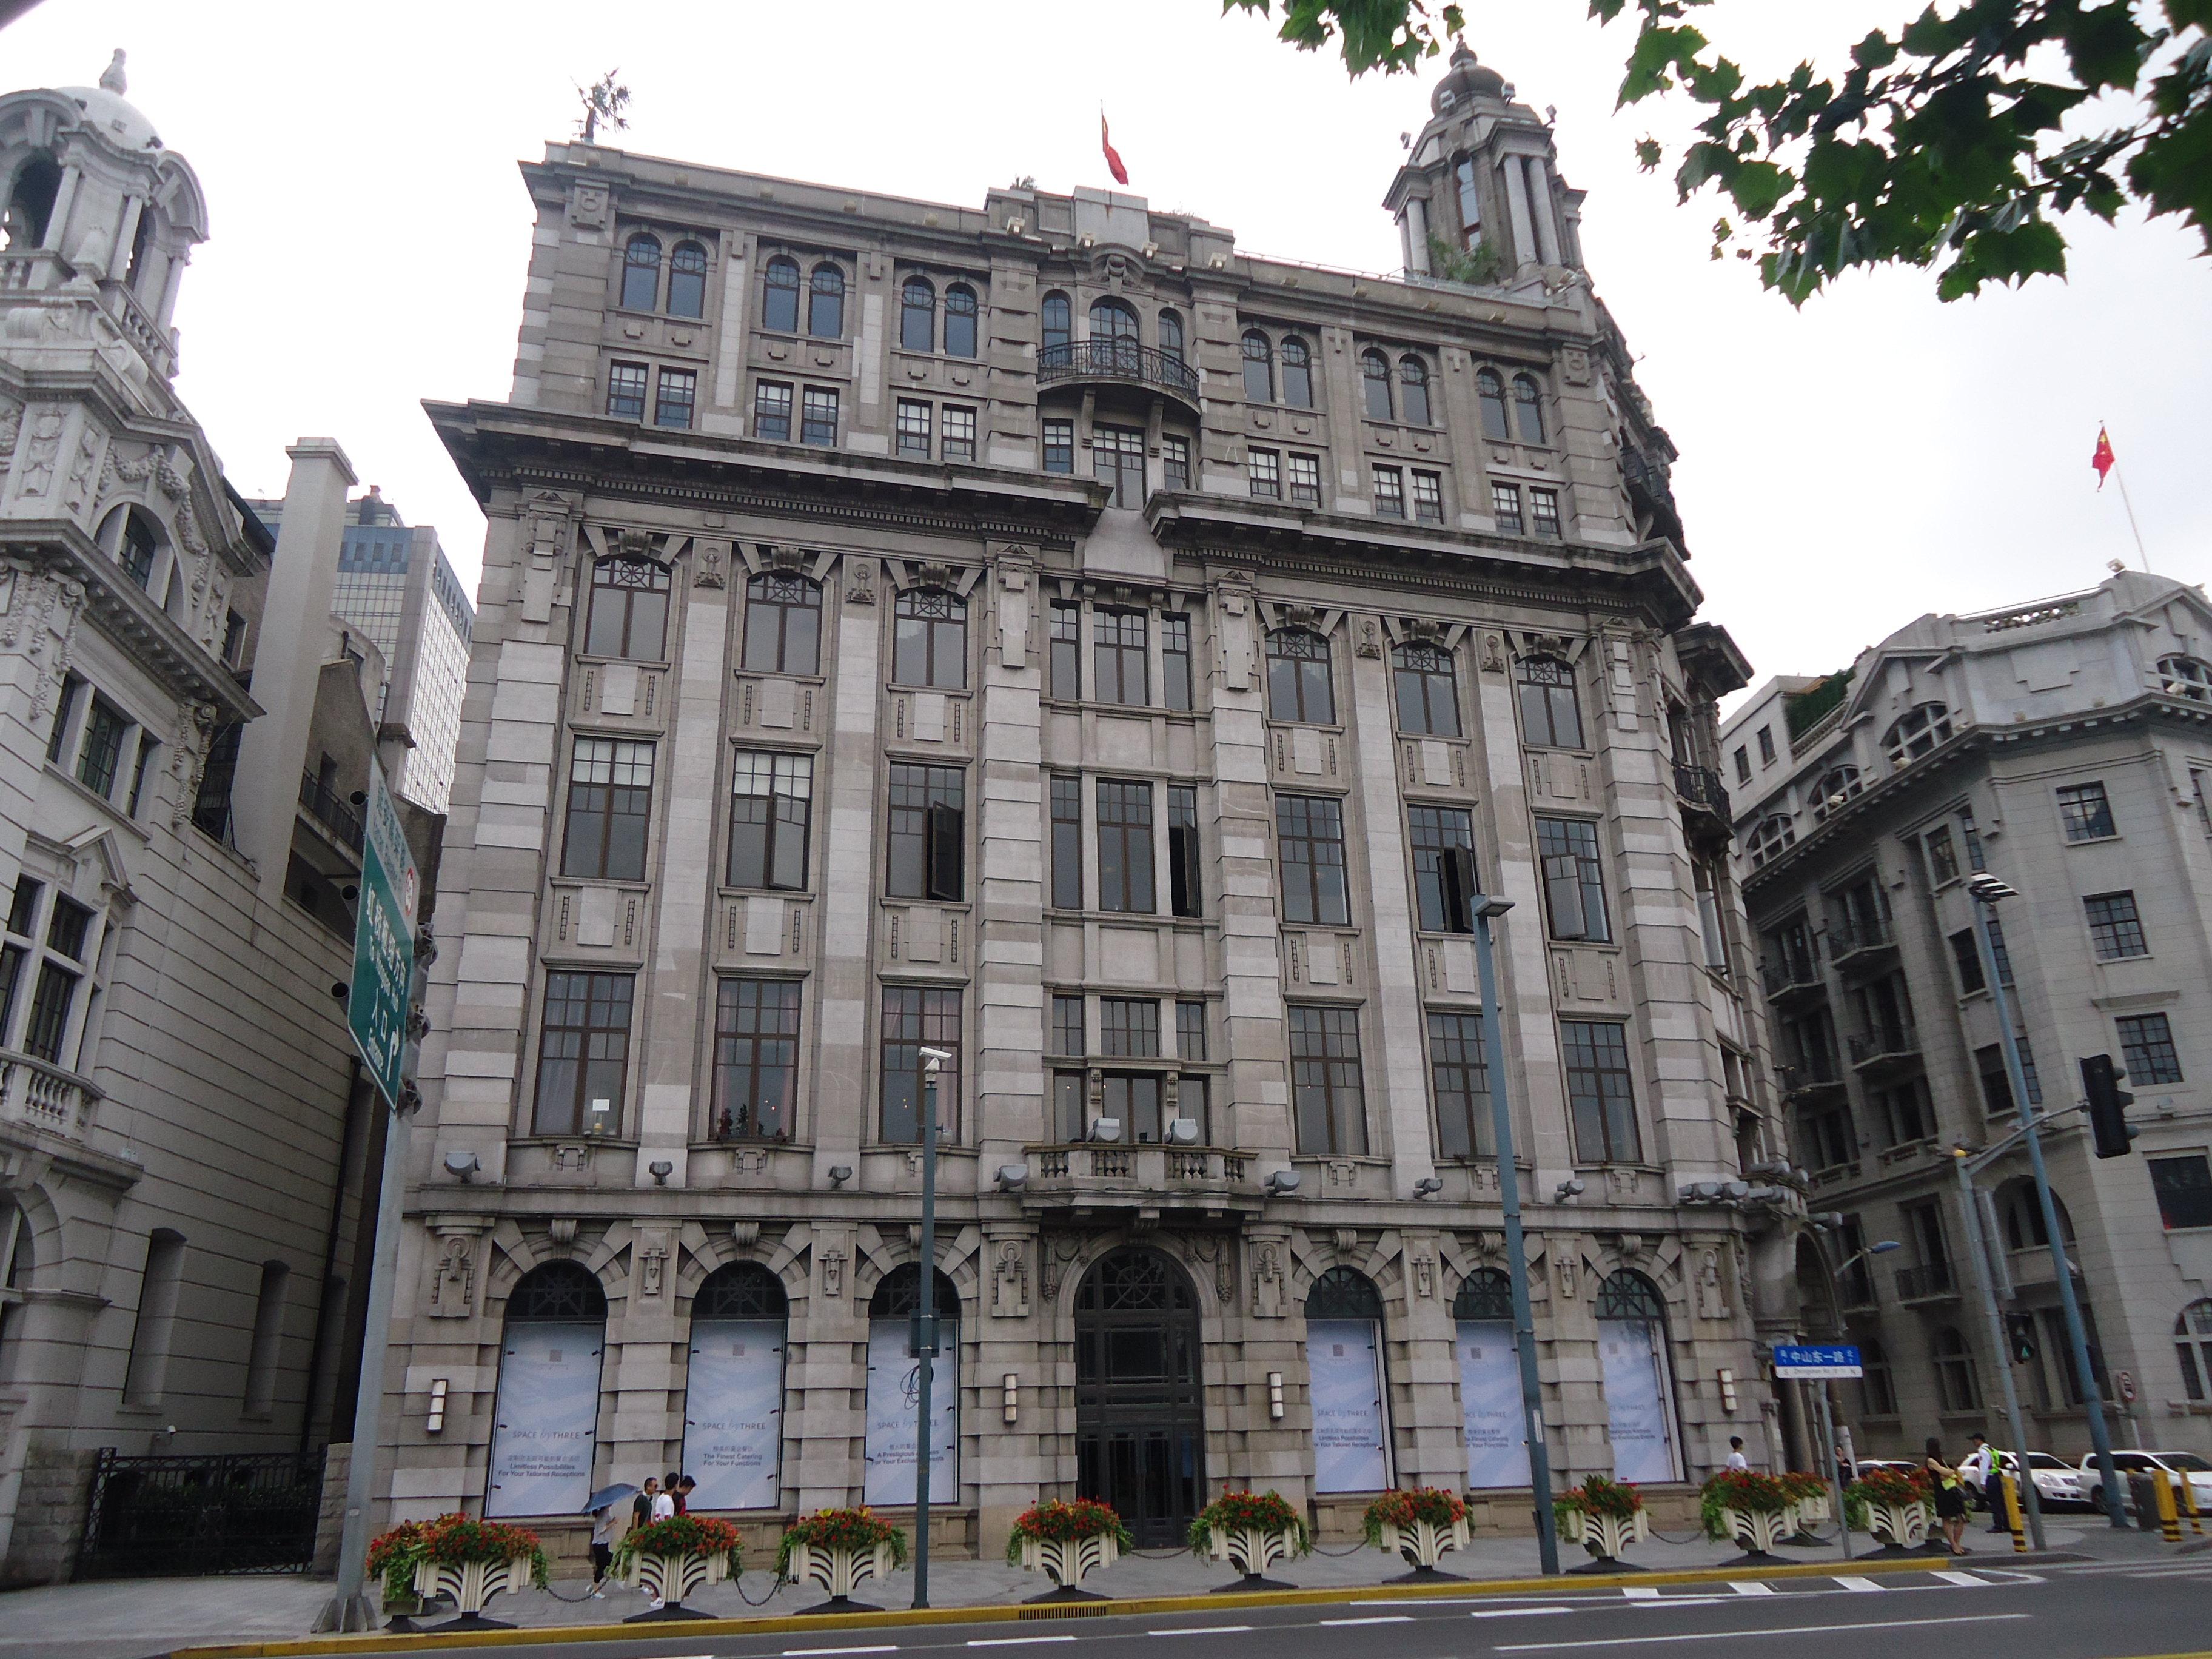 随手拍之外滩万国建筑博览群 - 上海游记攻略【携程